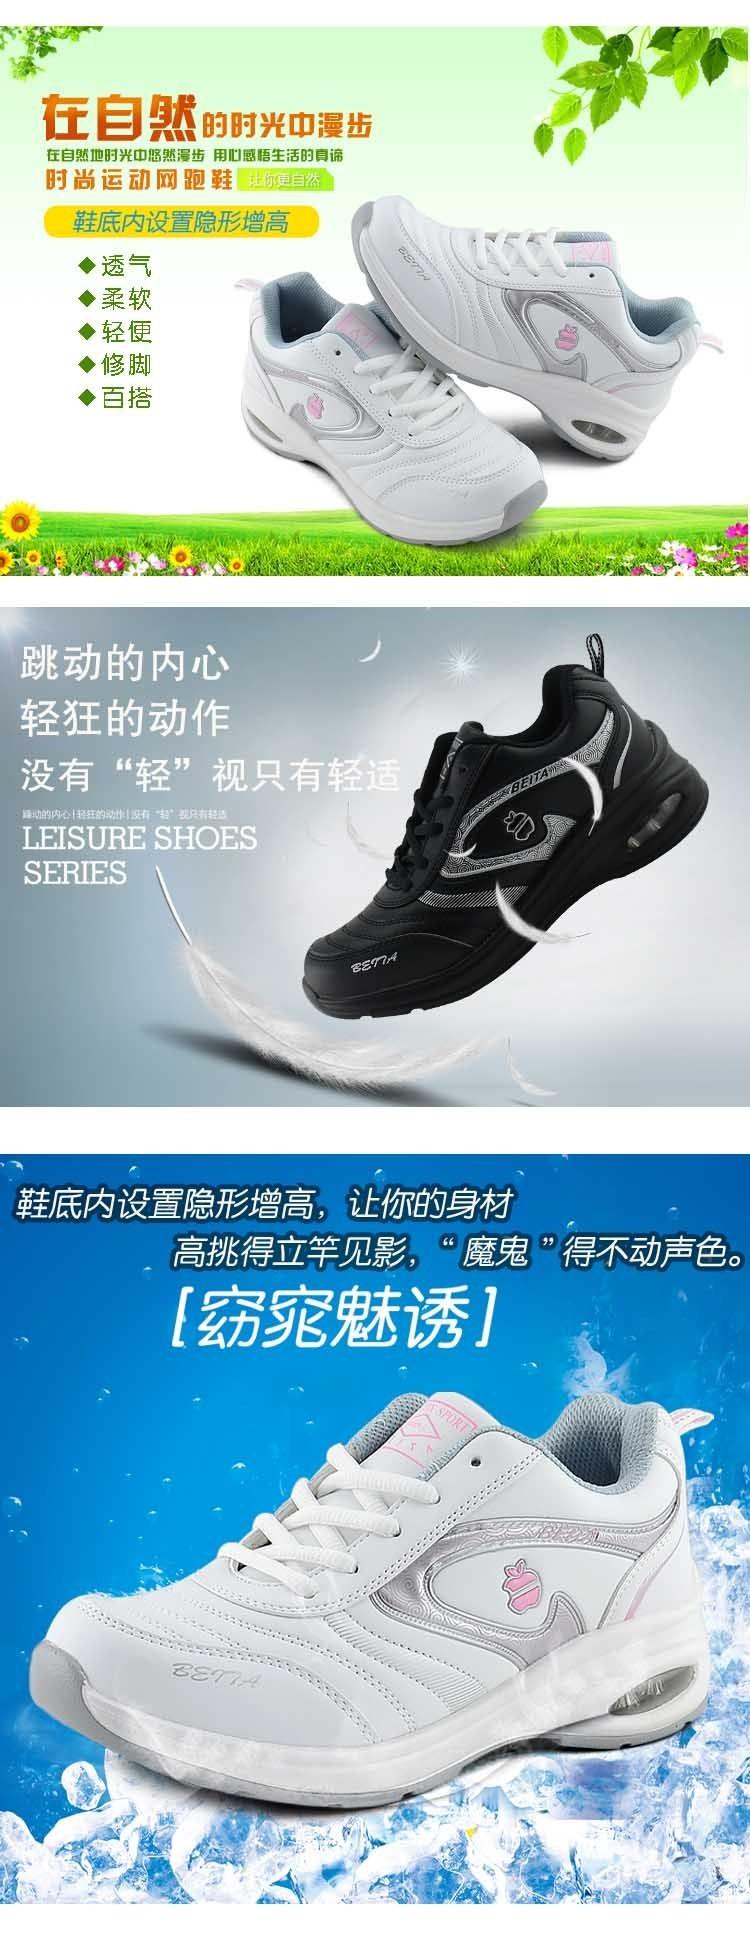 鞋子海报 运动鞋详情页海报_设计教程_90设计90sheji.